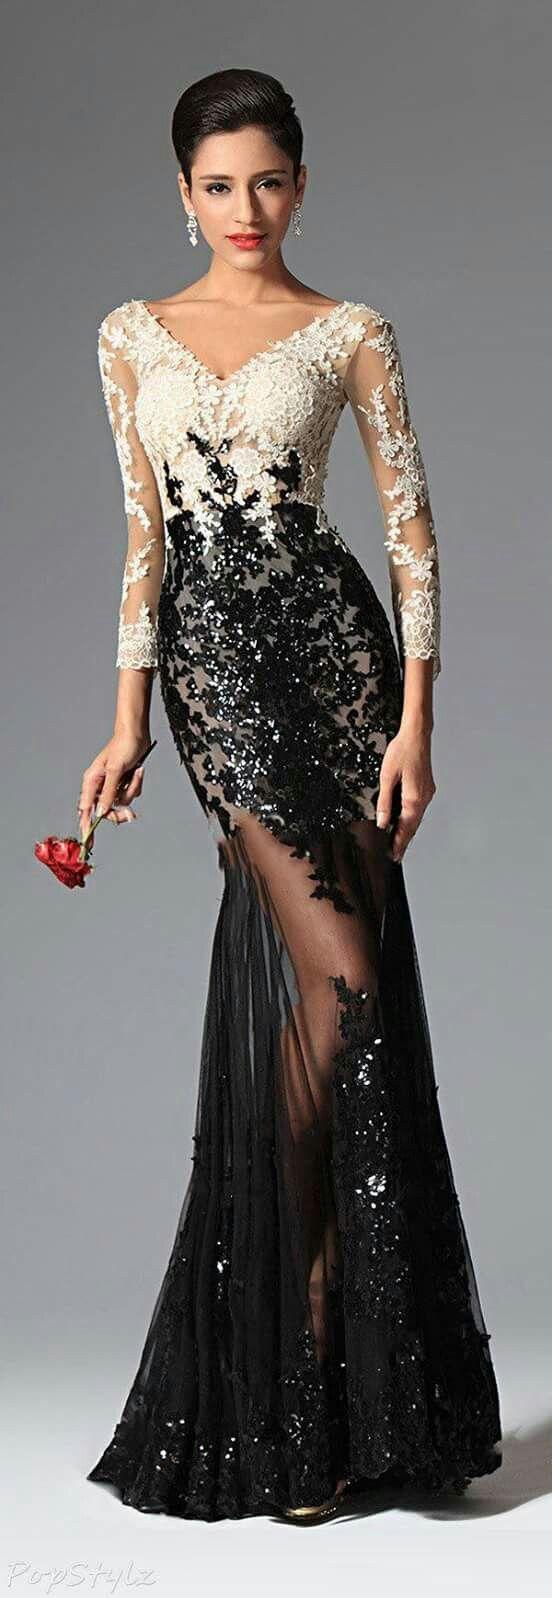 114 best vestidos y más images on Pinterest | Abendkleid ...